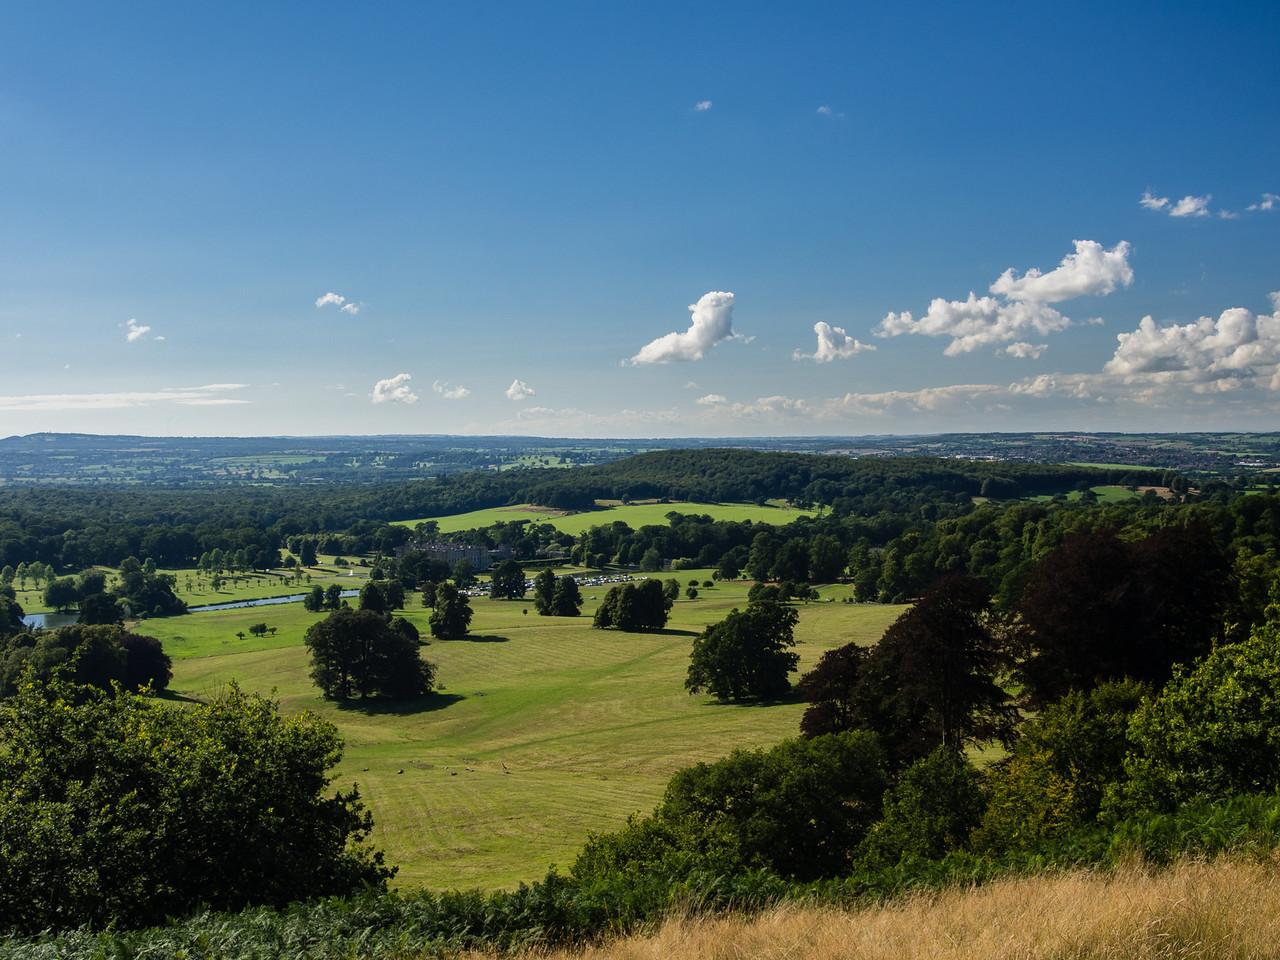 View over Longleet